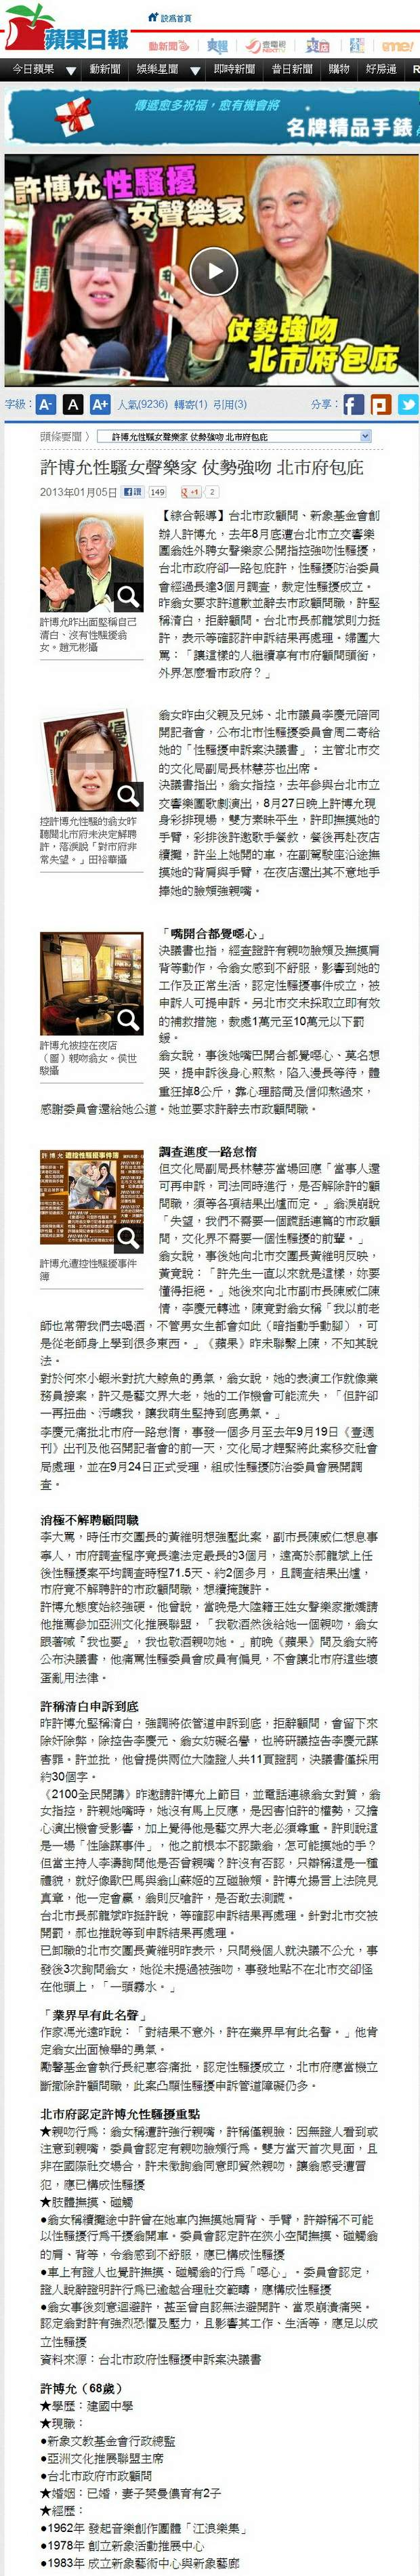 許博允性騷女聲樂家 仗勢強吻 北市府包庇-2013.01.05-01